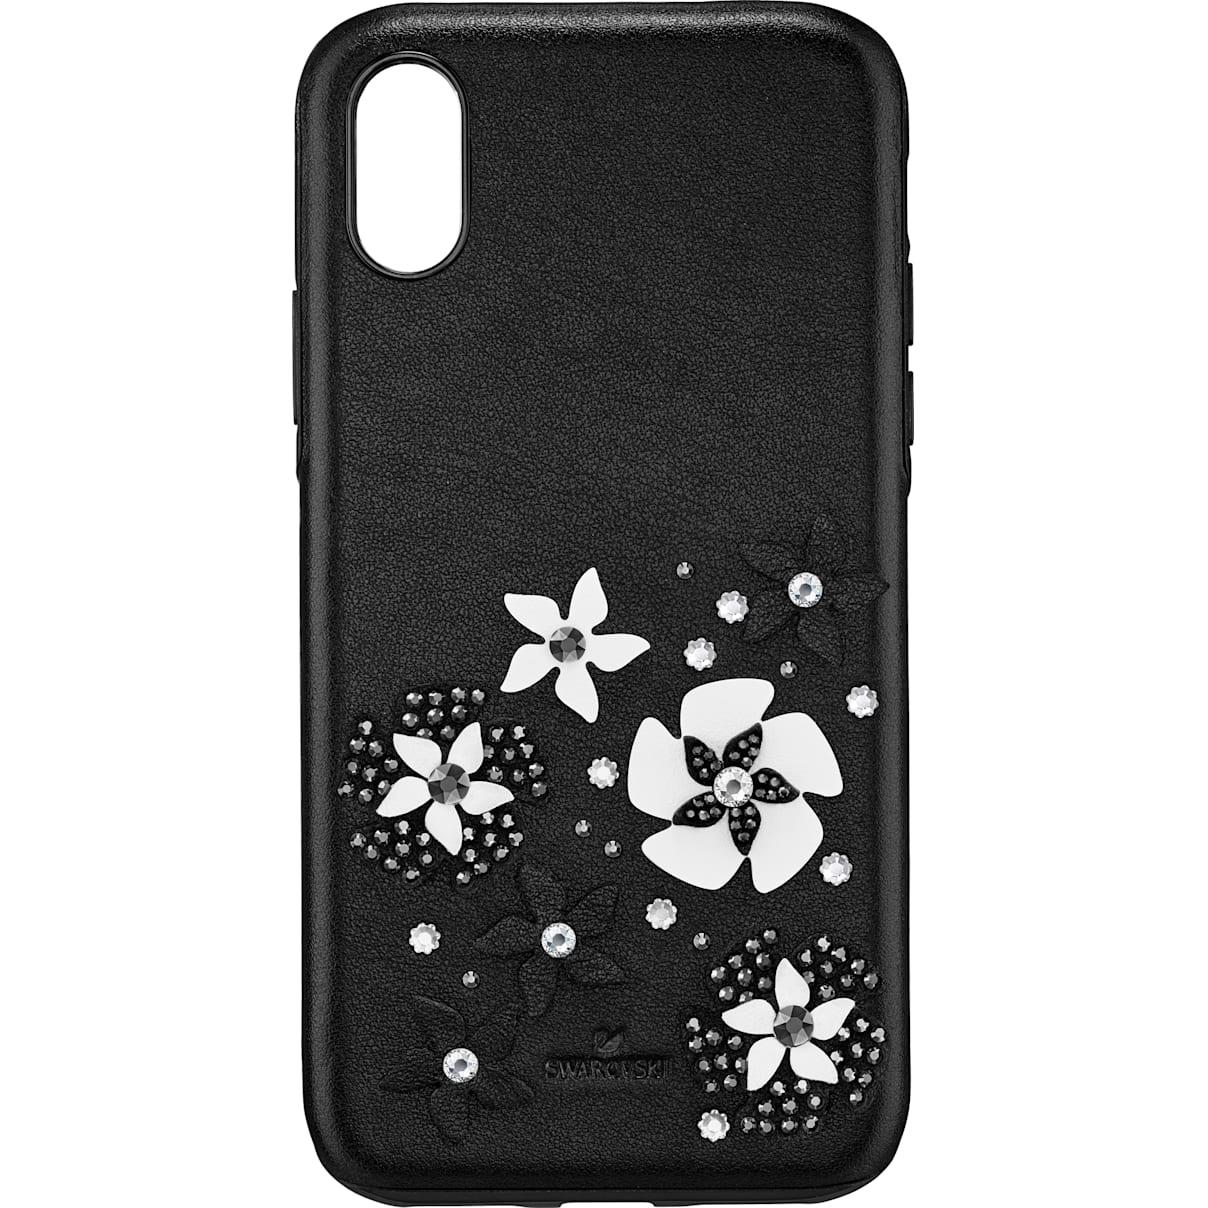 Mazy Smartphone Schutzhülle mit integriertem Stoßschutz, iPhone® X/XS, schwarz